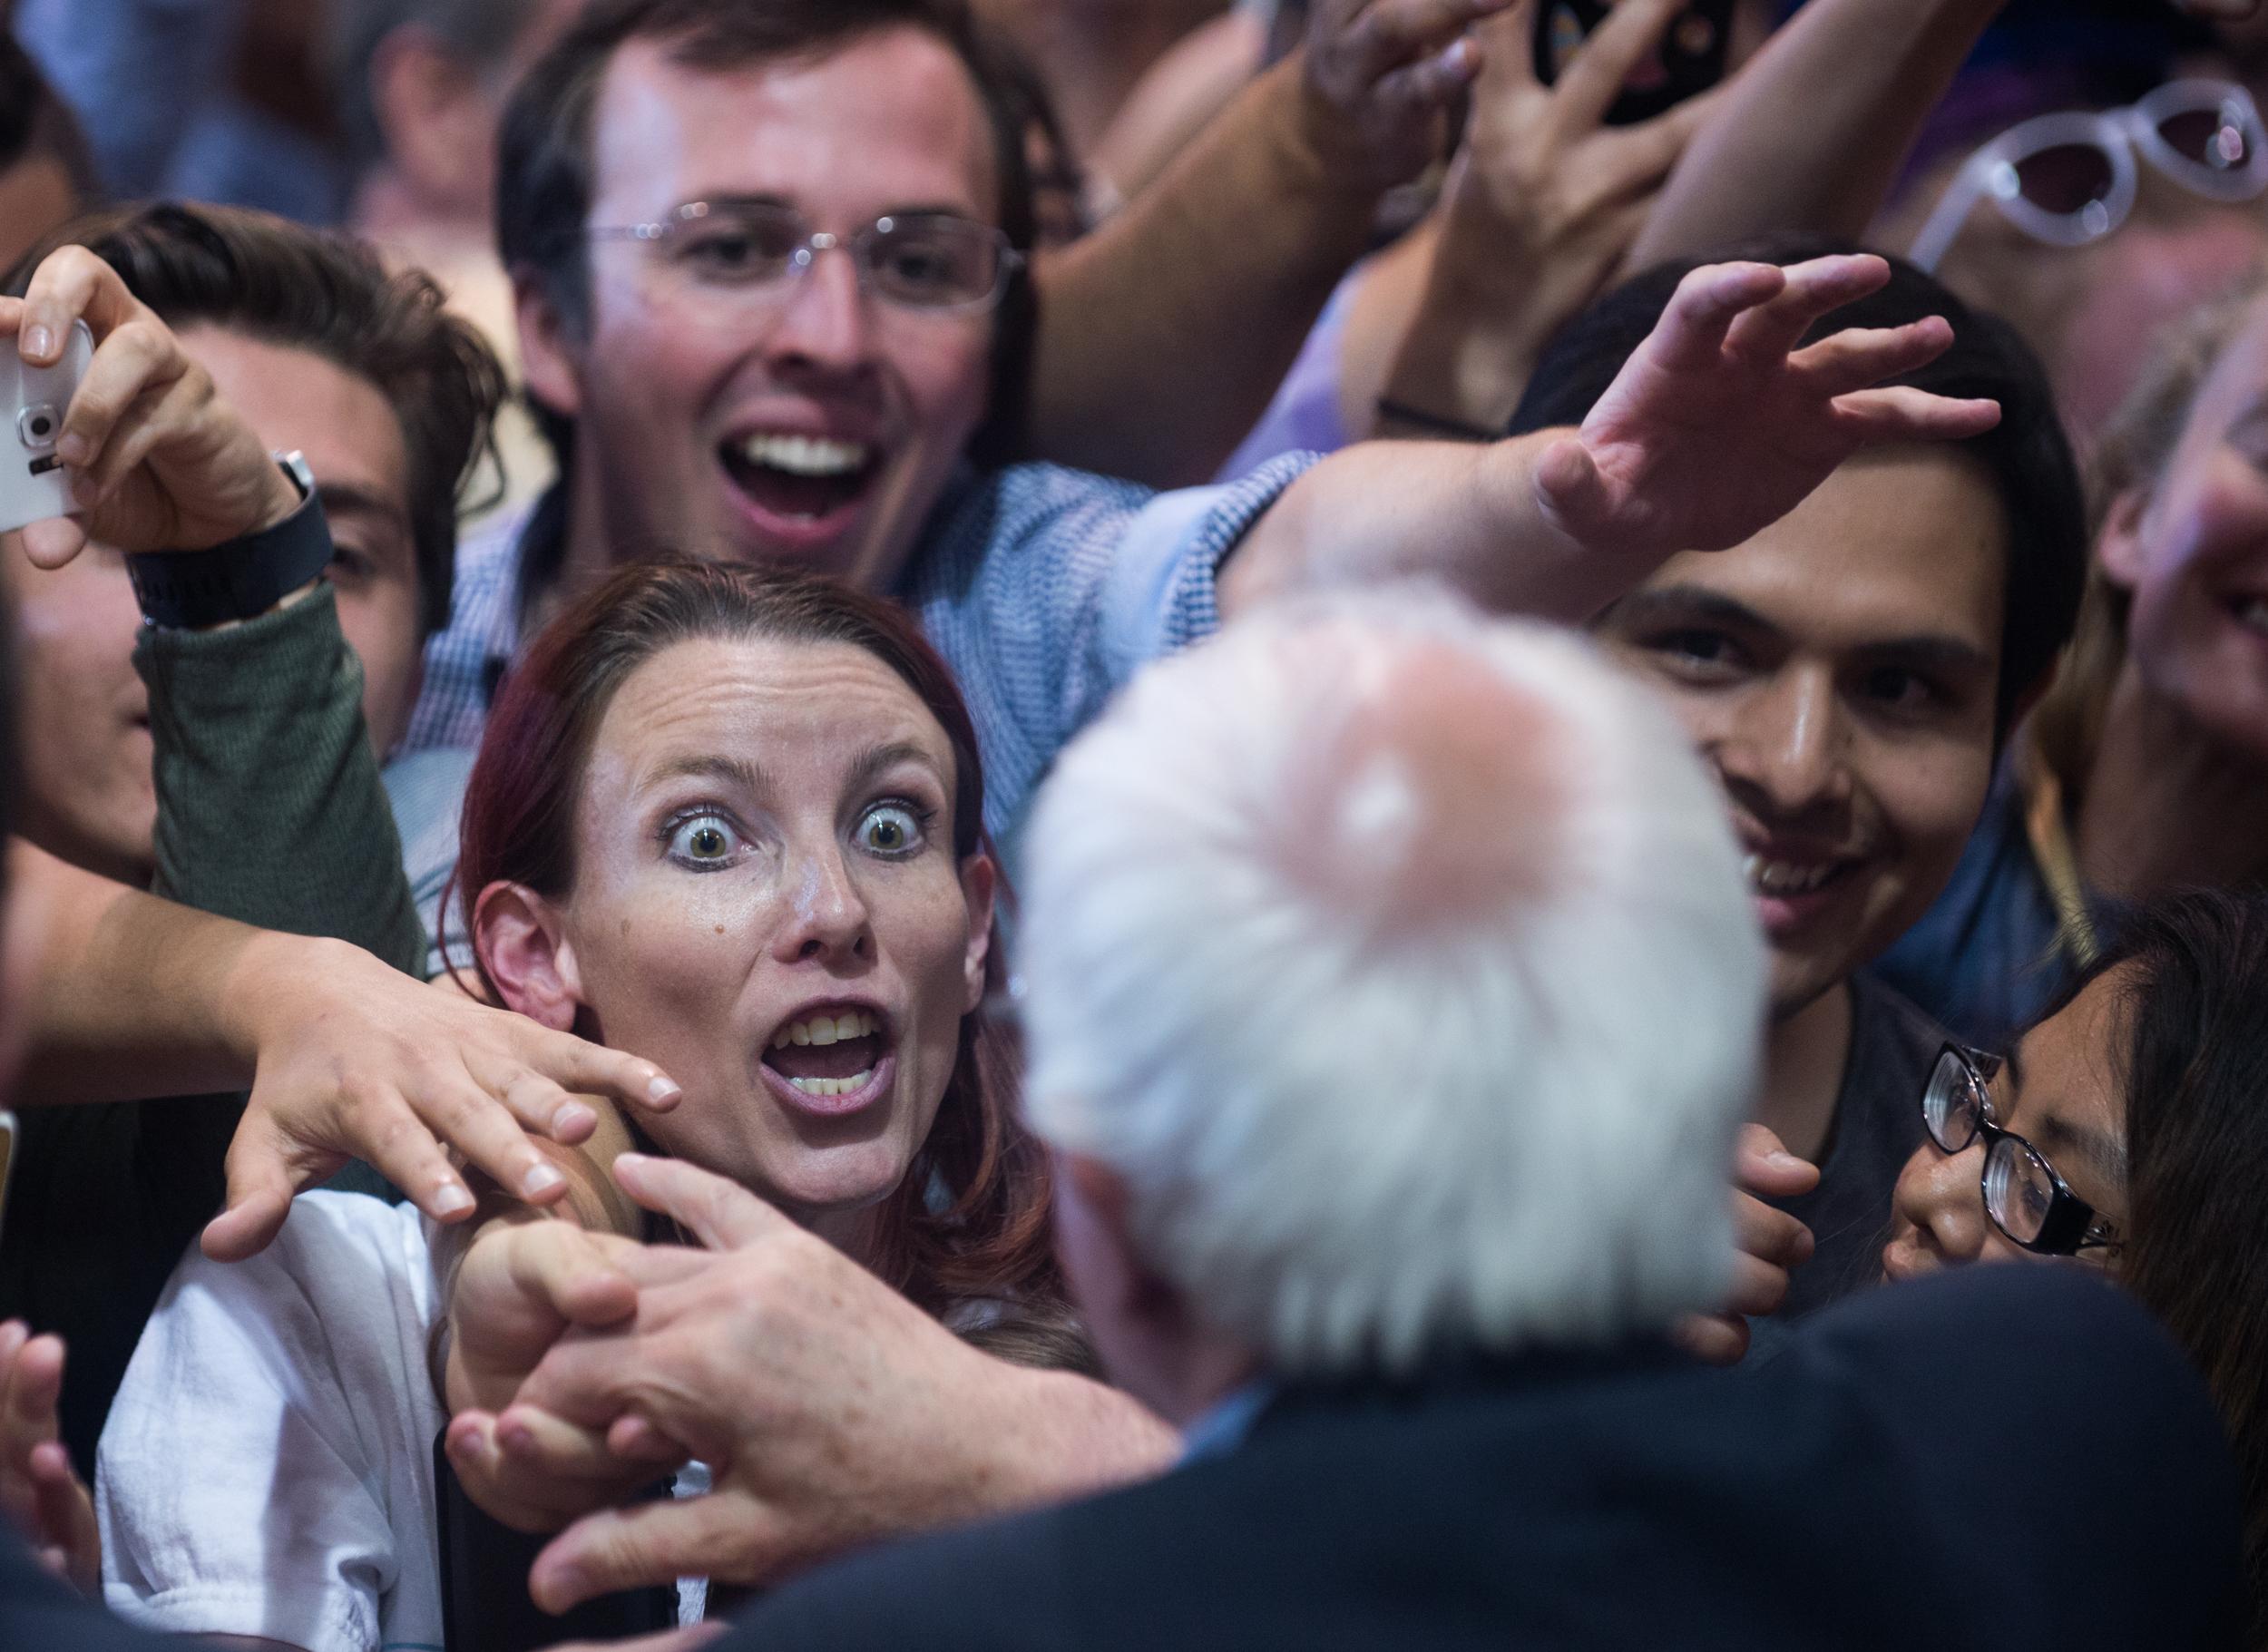 rer Bernie rally.JPG